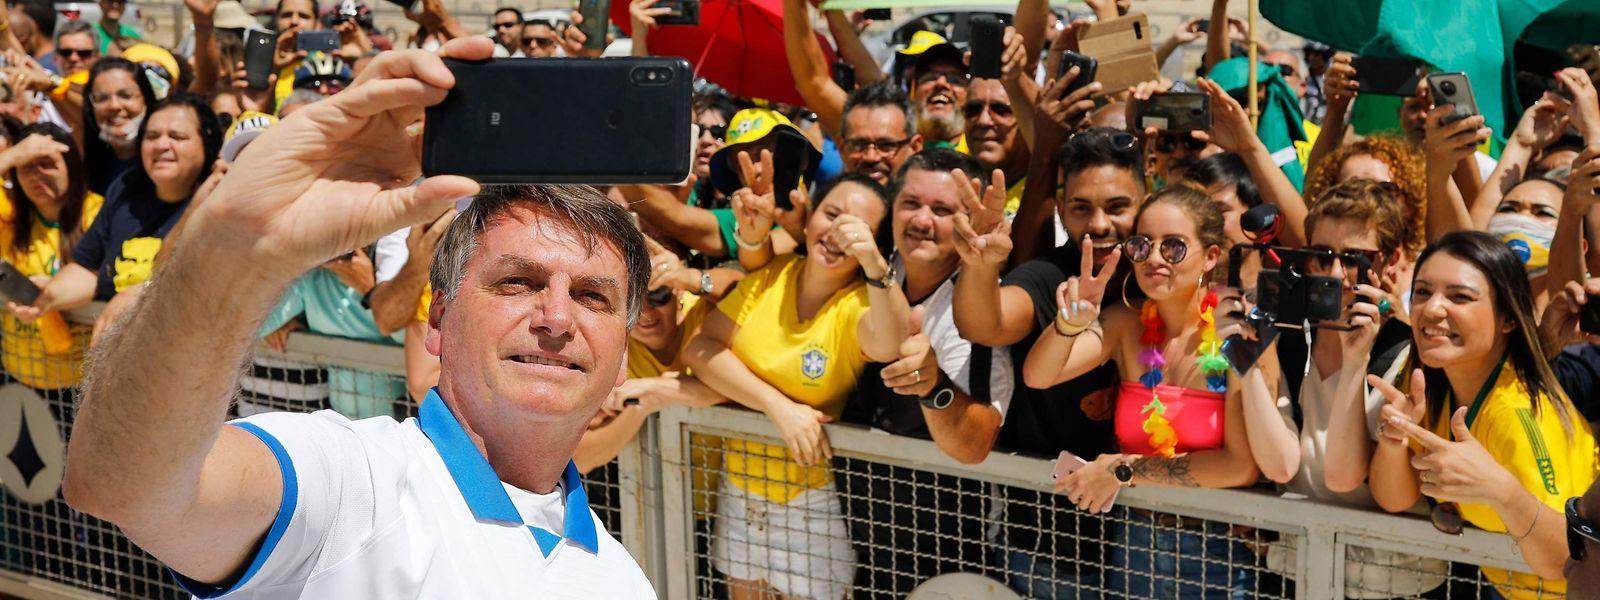 """Brasilianischer Präsident Bolsonaro spricht noch immer von """"Hysterie"""" im Zusammenhang mit dem Virus."""